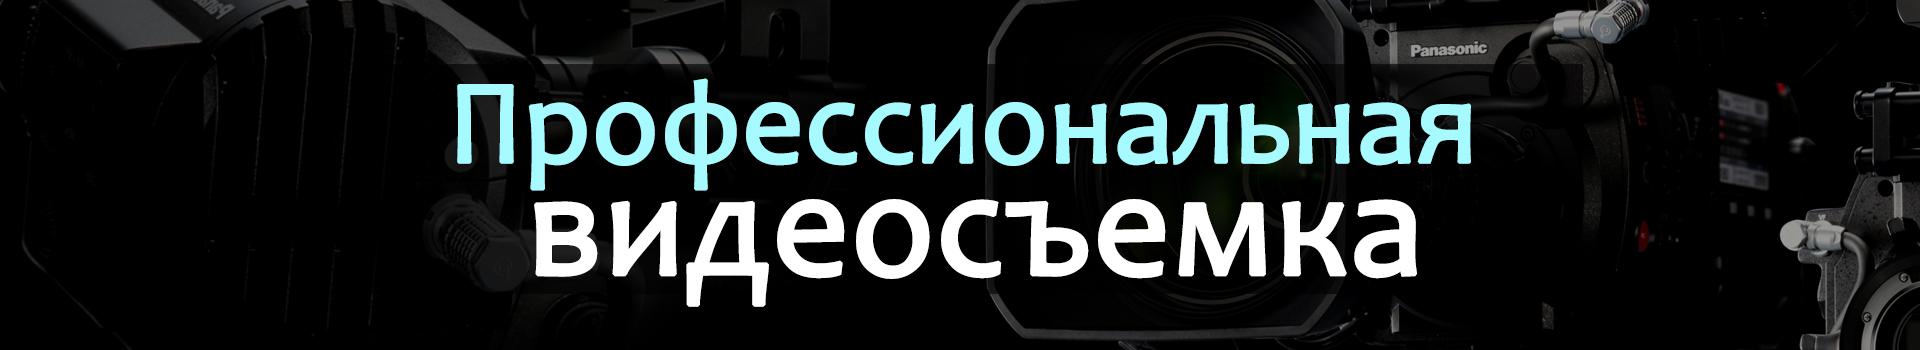 Видеосъемка Днепр, видеооператор в Днепропетровске